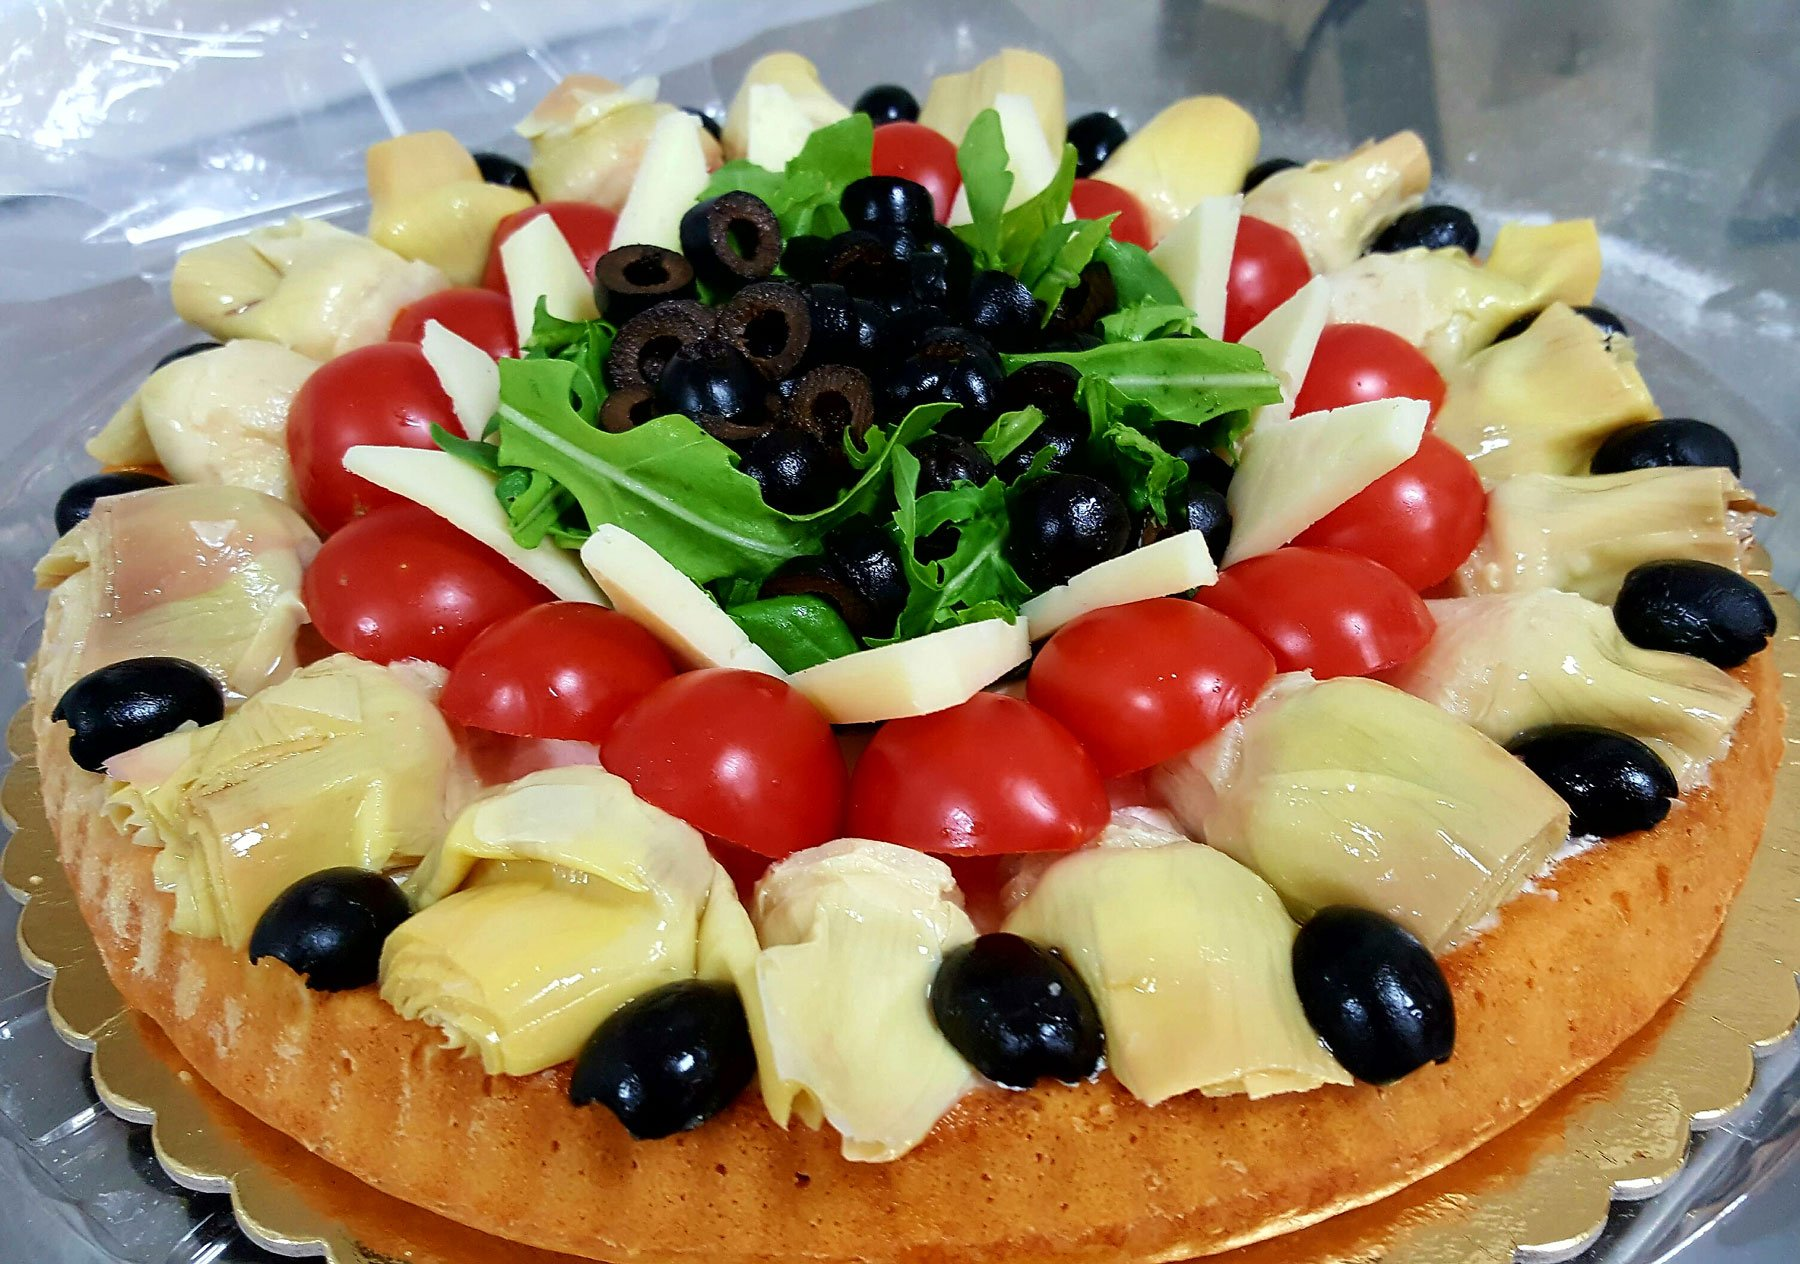 torta con carciofi, pomodorini e olive nere